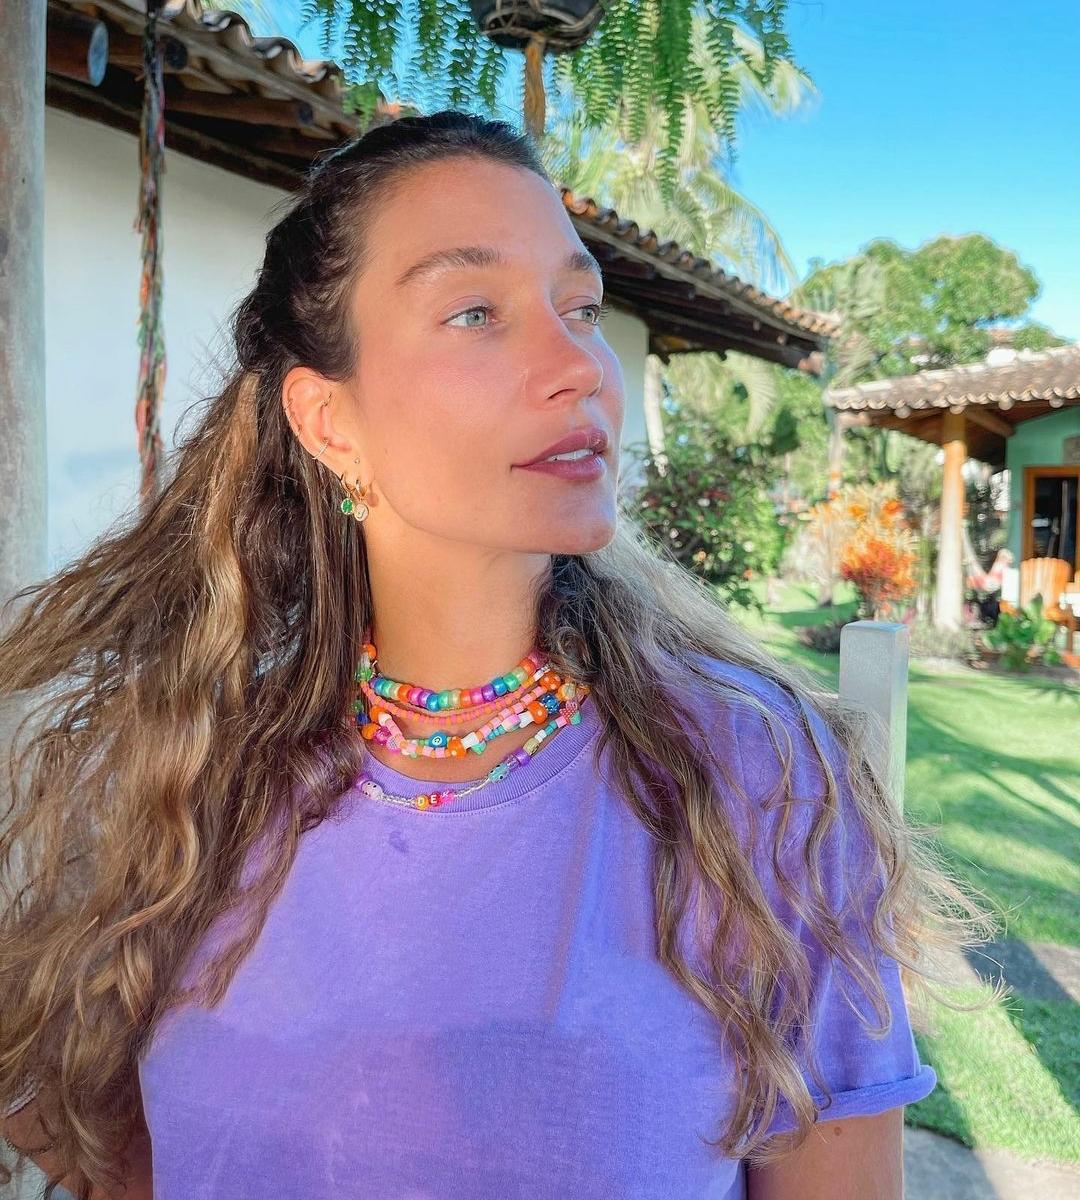 Gabriela Pugliesi posta usando colar com nome de novo affair